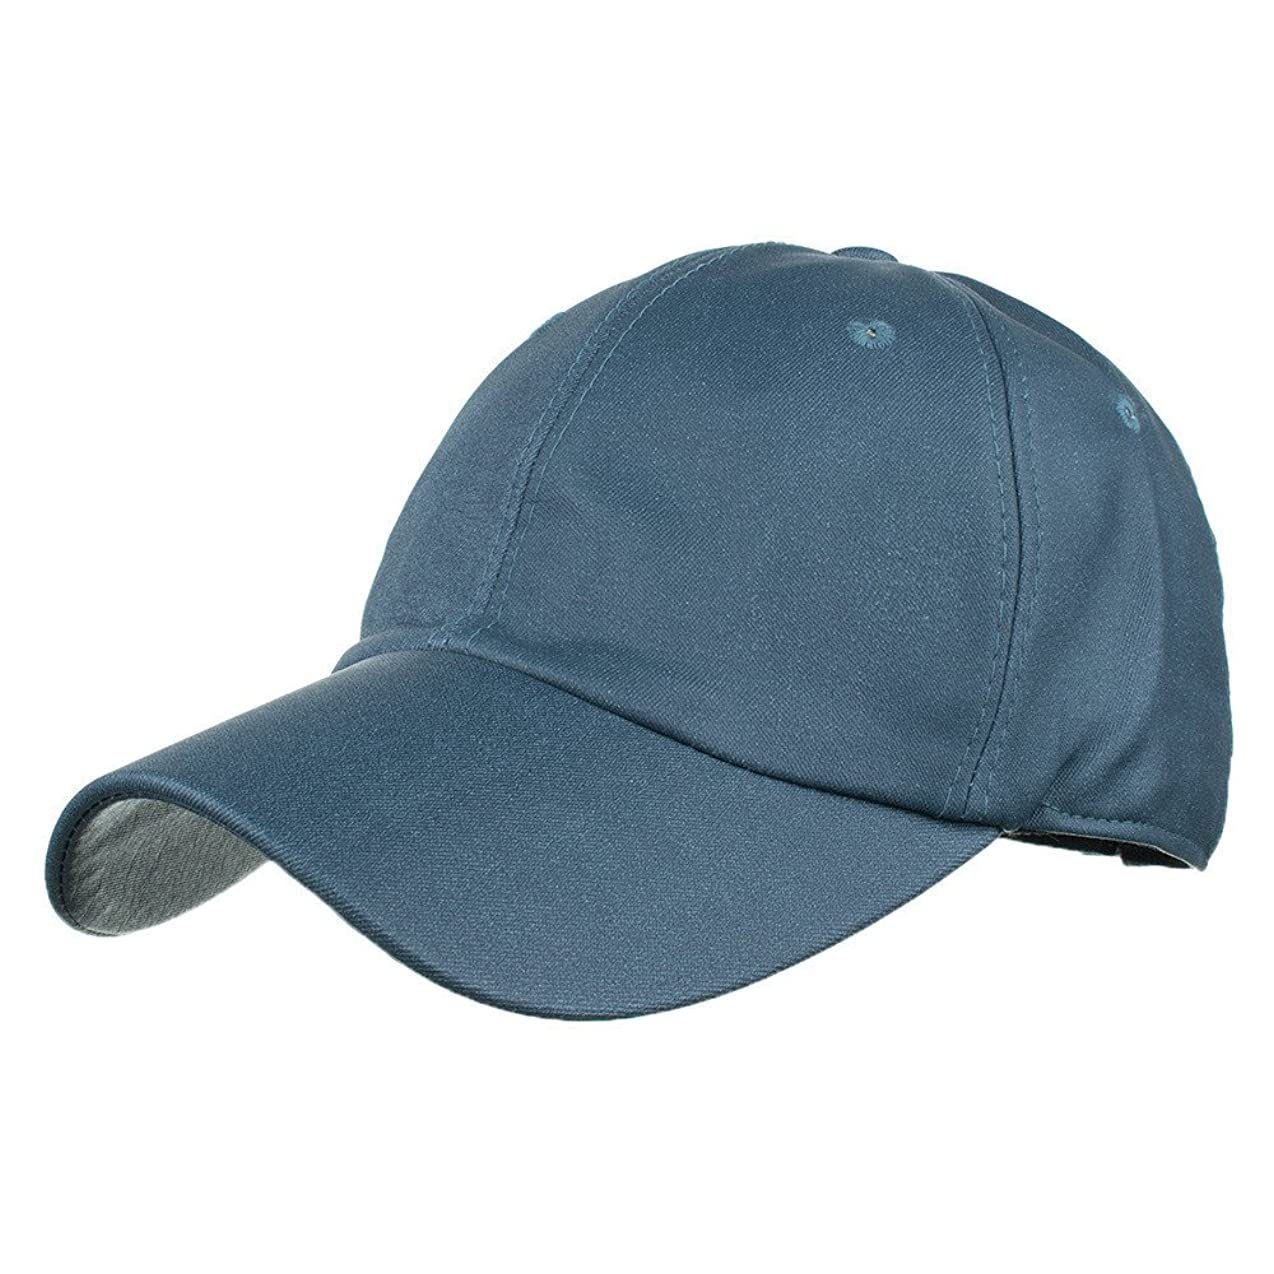 酸化するどこでもフィットRacazing Cap PU 無地 ヒップホップ 野球帽 通気性のある 帽子 夏 登山 可調整可能 棒球帽 UV 帽子 軽量 屋外 Unisex Hat (紺)